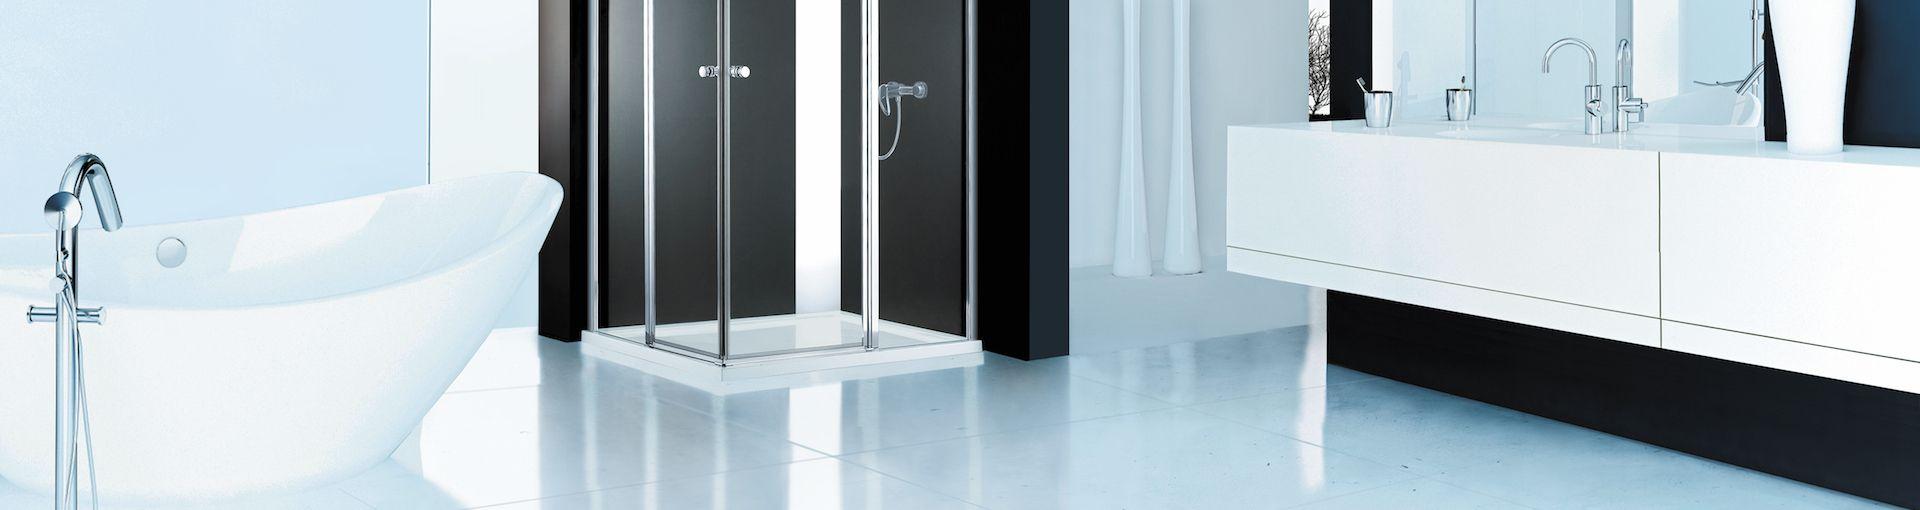 Üdvözöljük fürdőszoba webáruházunkban! Bízza magát 10 éves zuhanyfülke, hidromasszázs zuhanykabin, gőzkabin, kád , hidromasszázs kád és egyéb szaniterek beüzemelésében ész szervizelésében szerzett tapasztalatunkra.